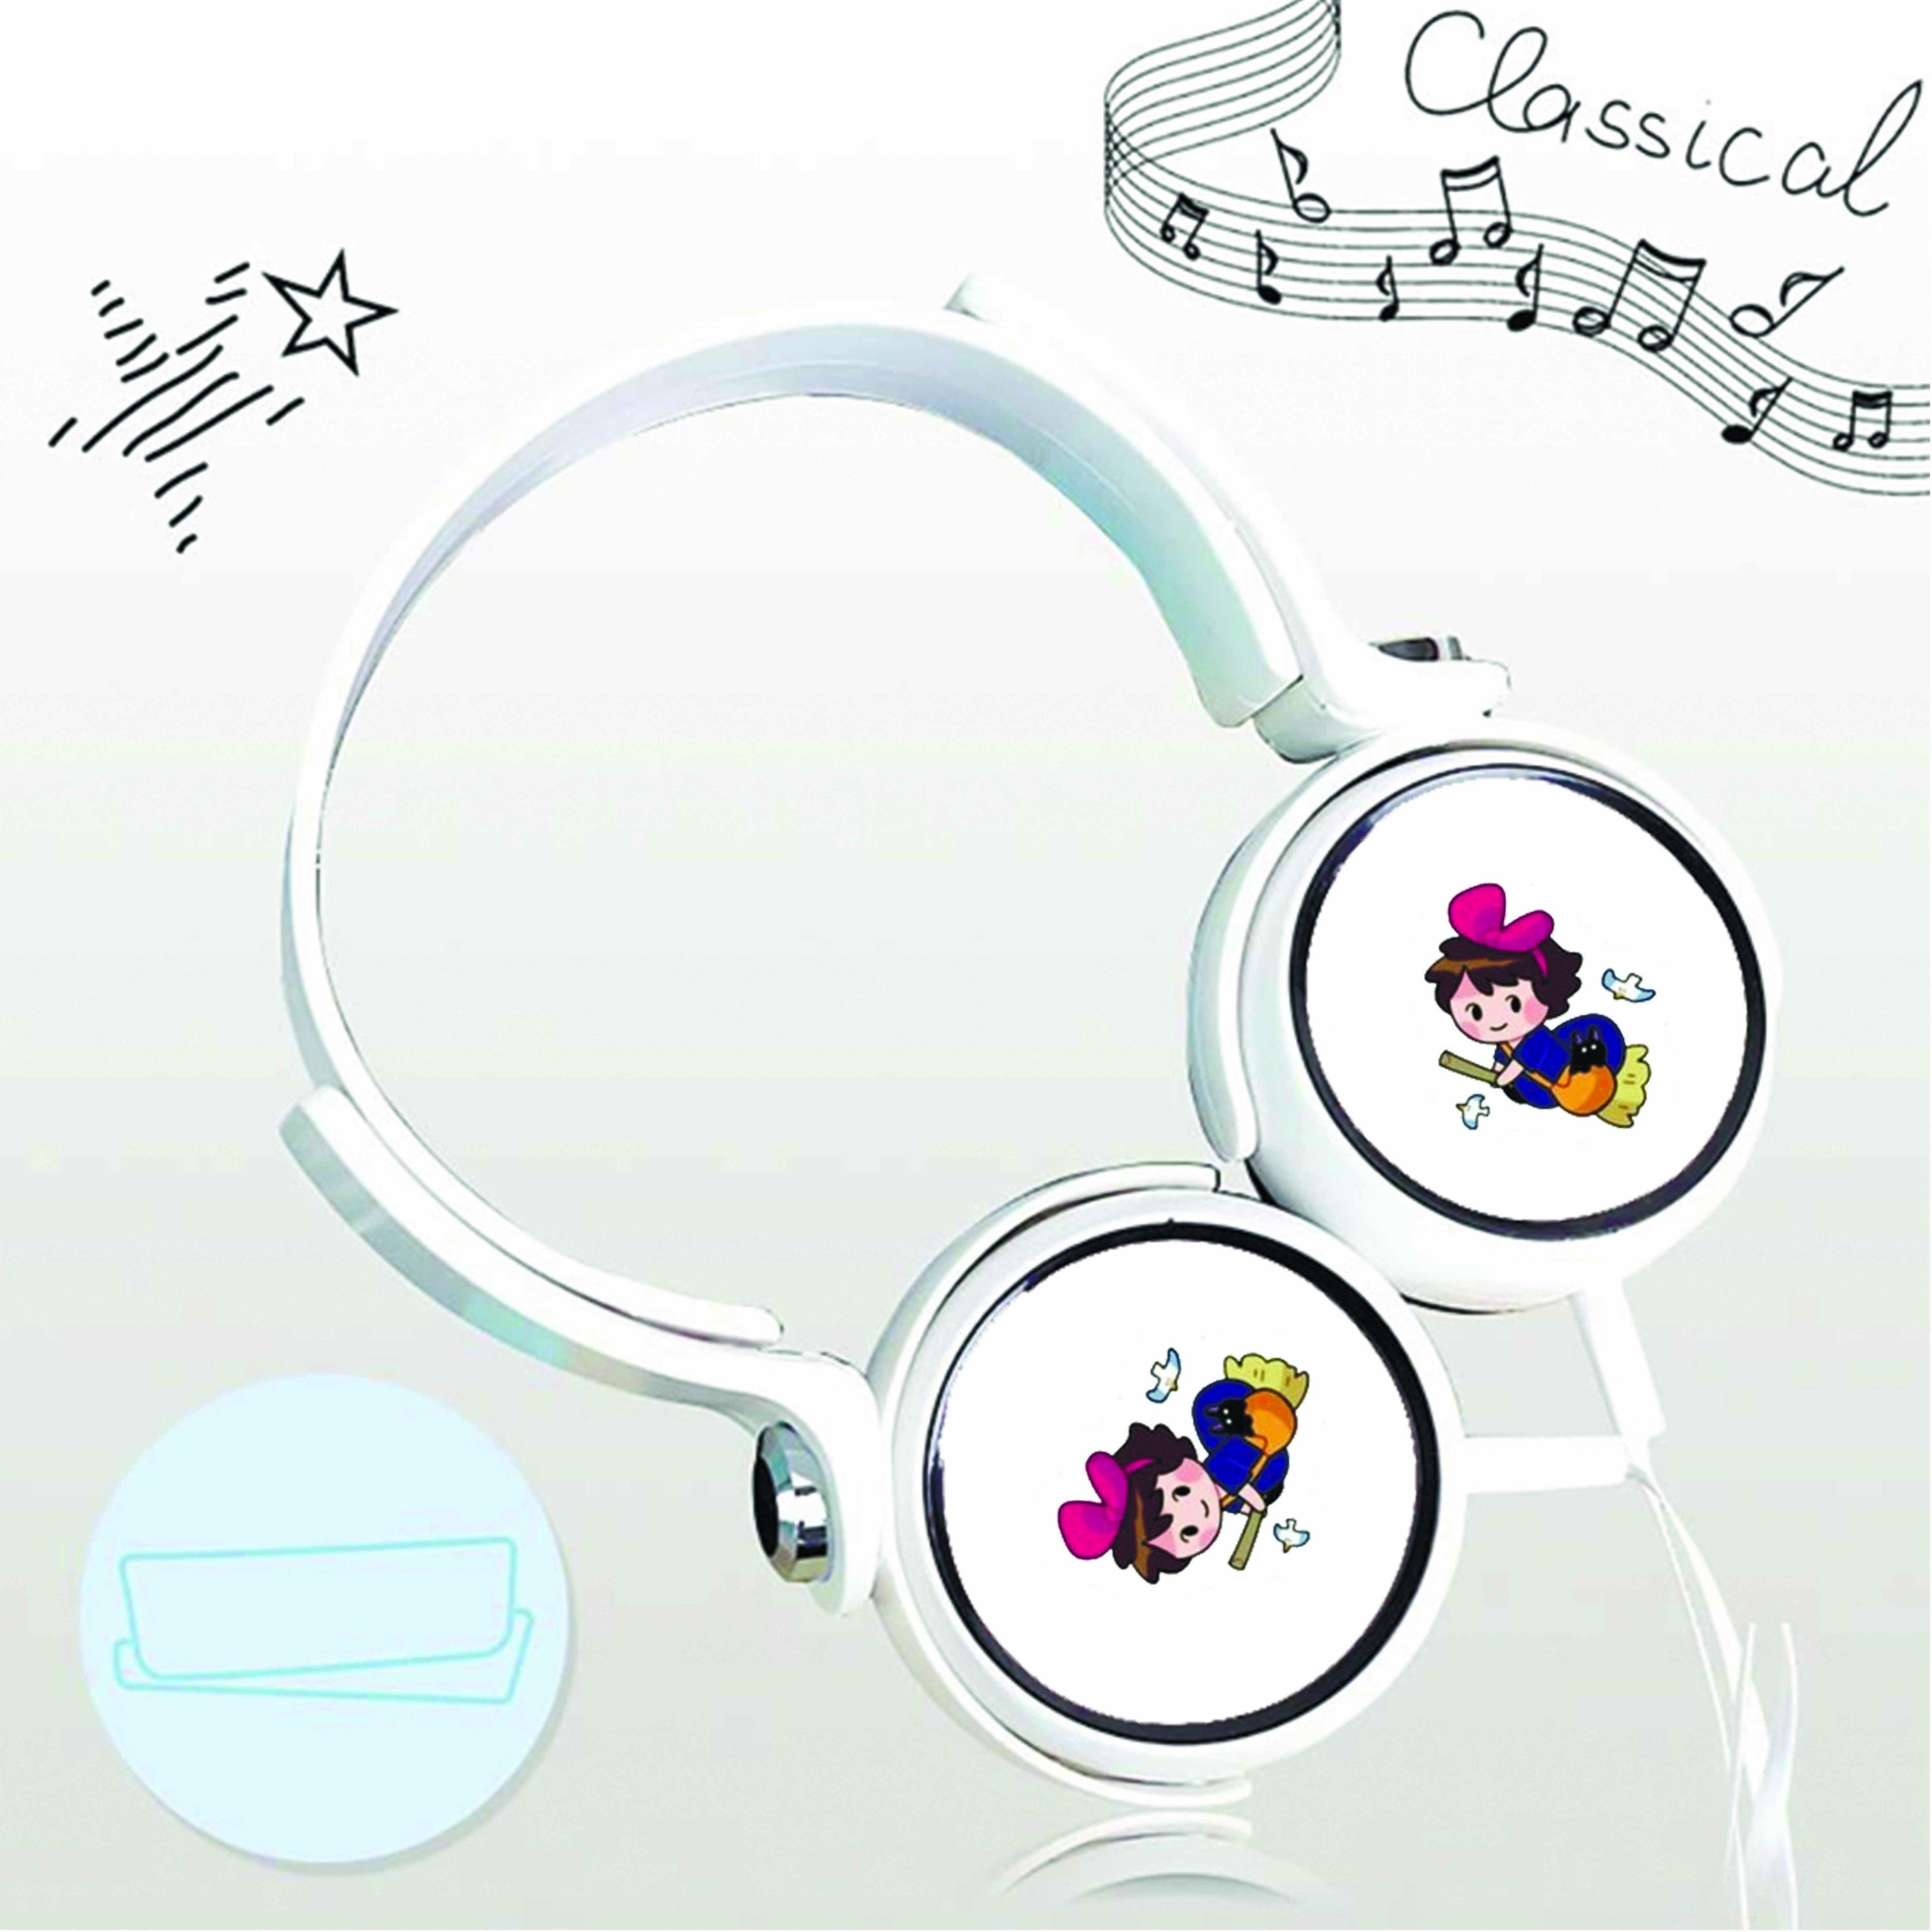 Tai nghe chụp in hình Kiki's Delivery Service - Dịch Vụ Giao Hàng Của Phù Thủy Kiki anime chibi cắm dây có mic